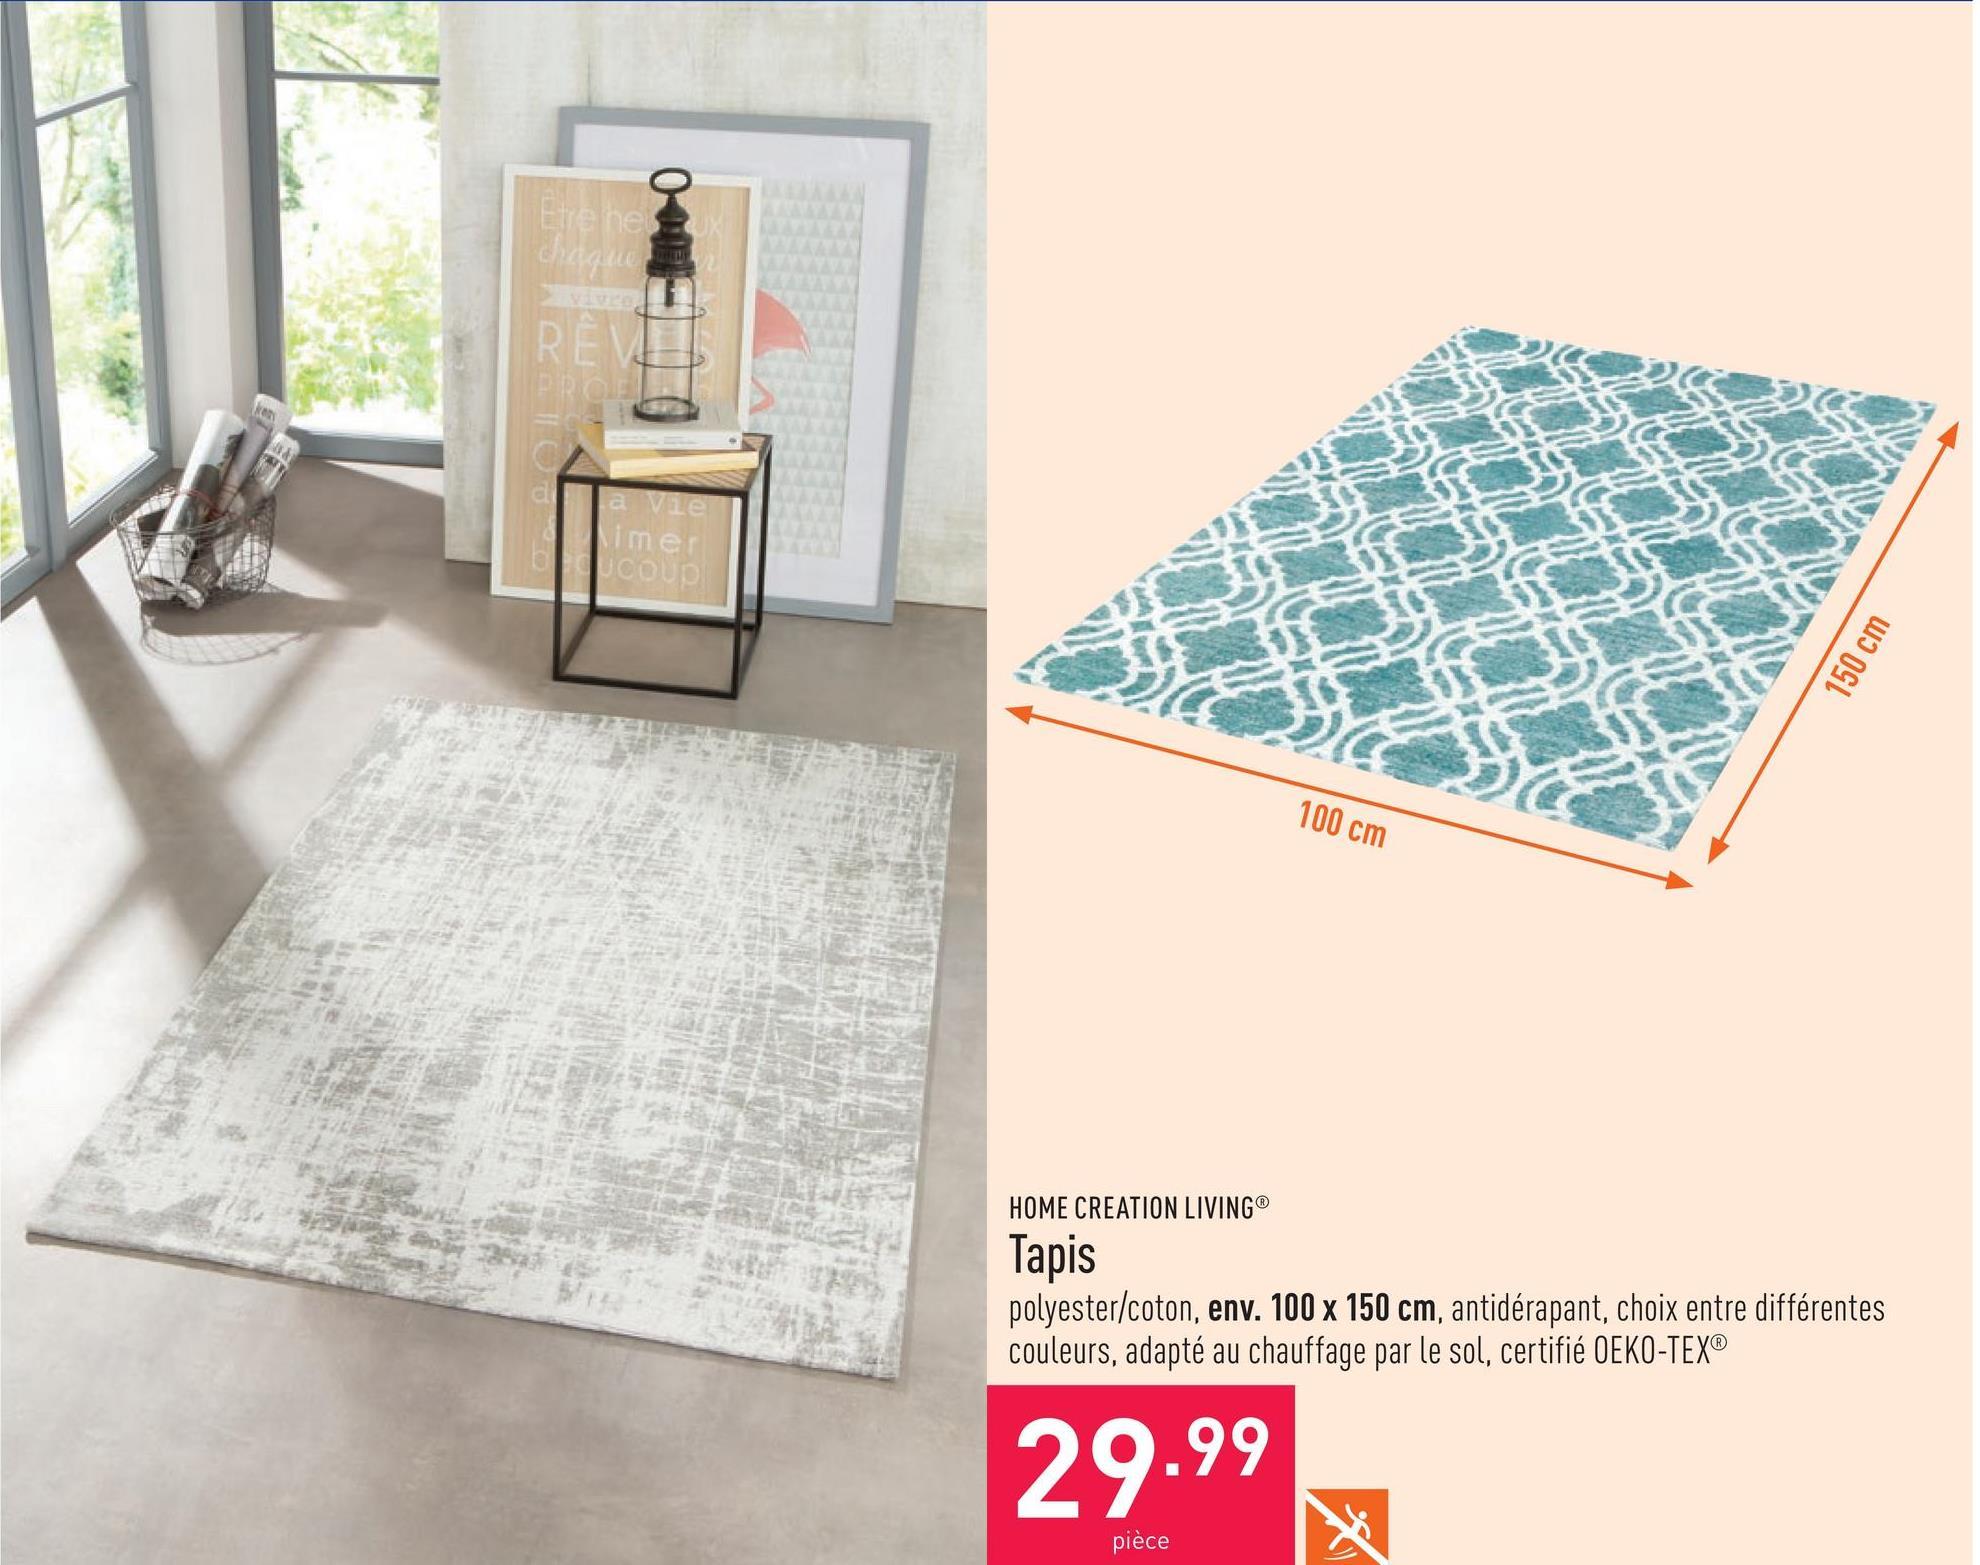 Tapis polyester/coton, env. 100 x 150 cm, antidérapant, choix entre différentes couleurs, adapté au chauffage par le sol, certifié OEKO-TEX®